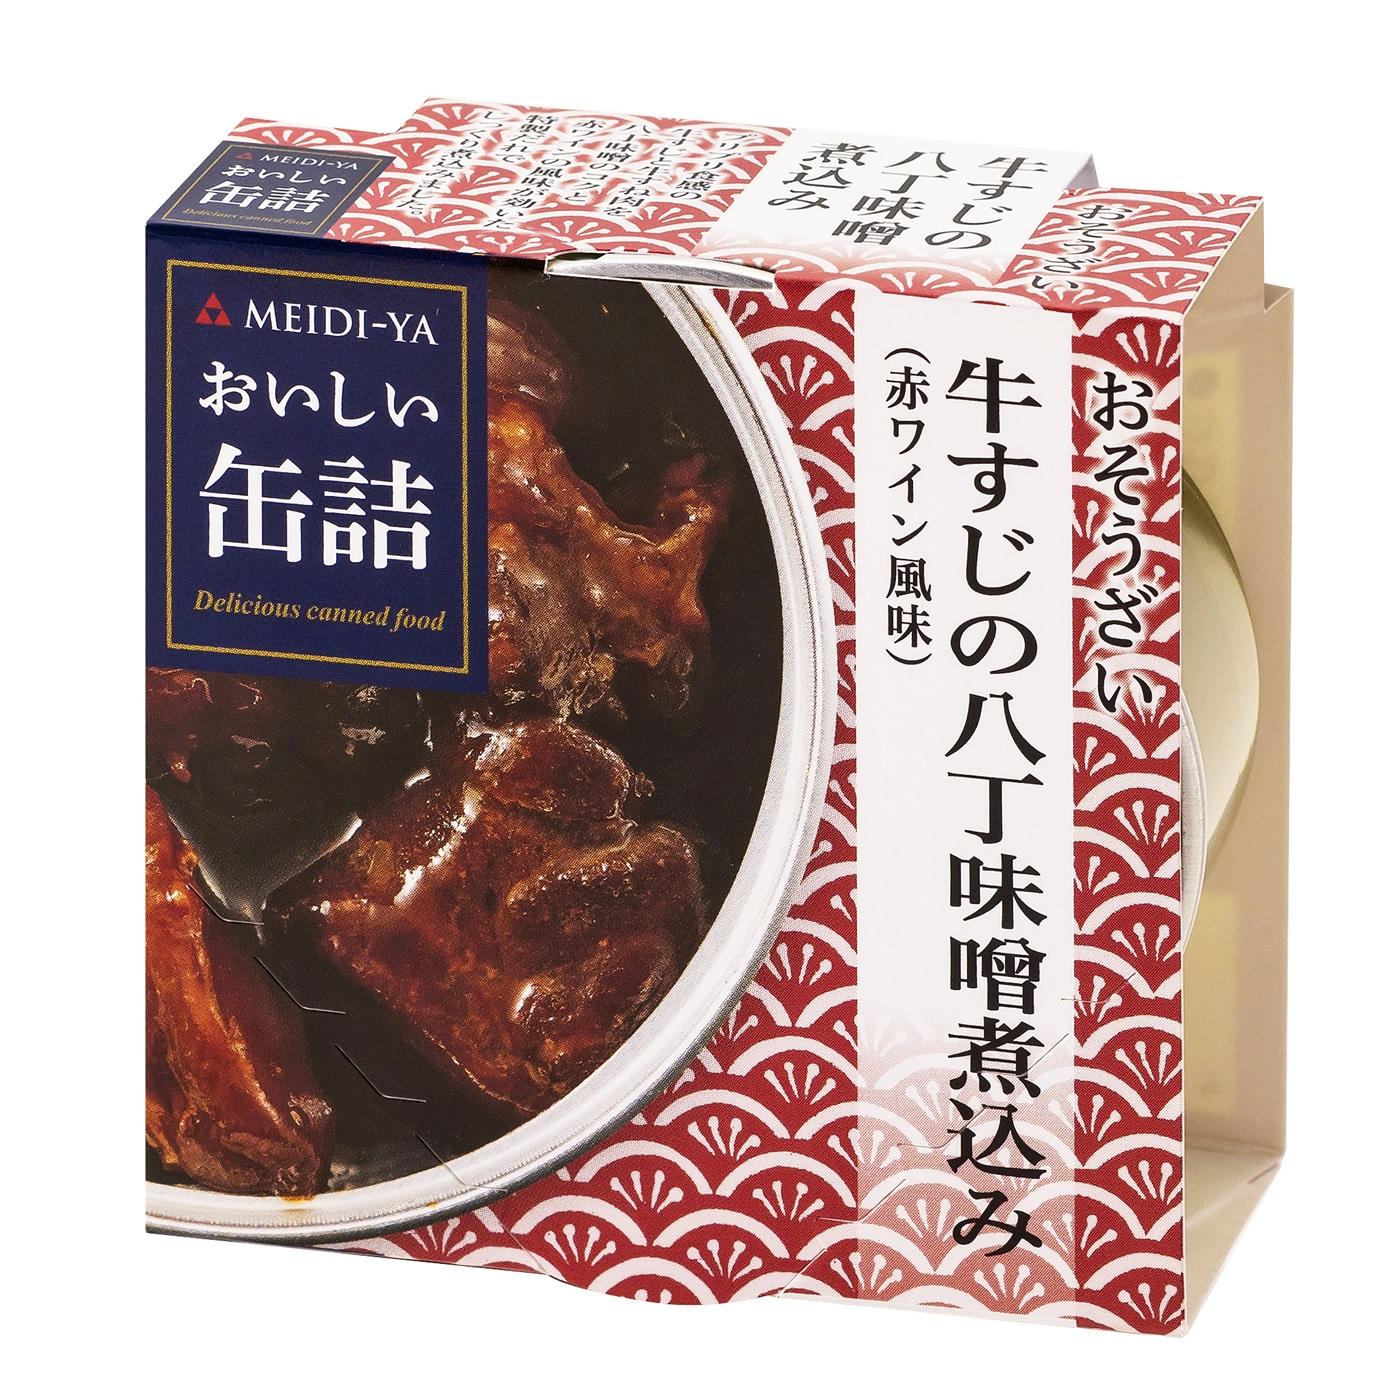 牛すじの八丁味噌煮込みs